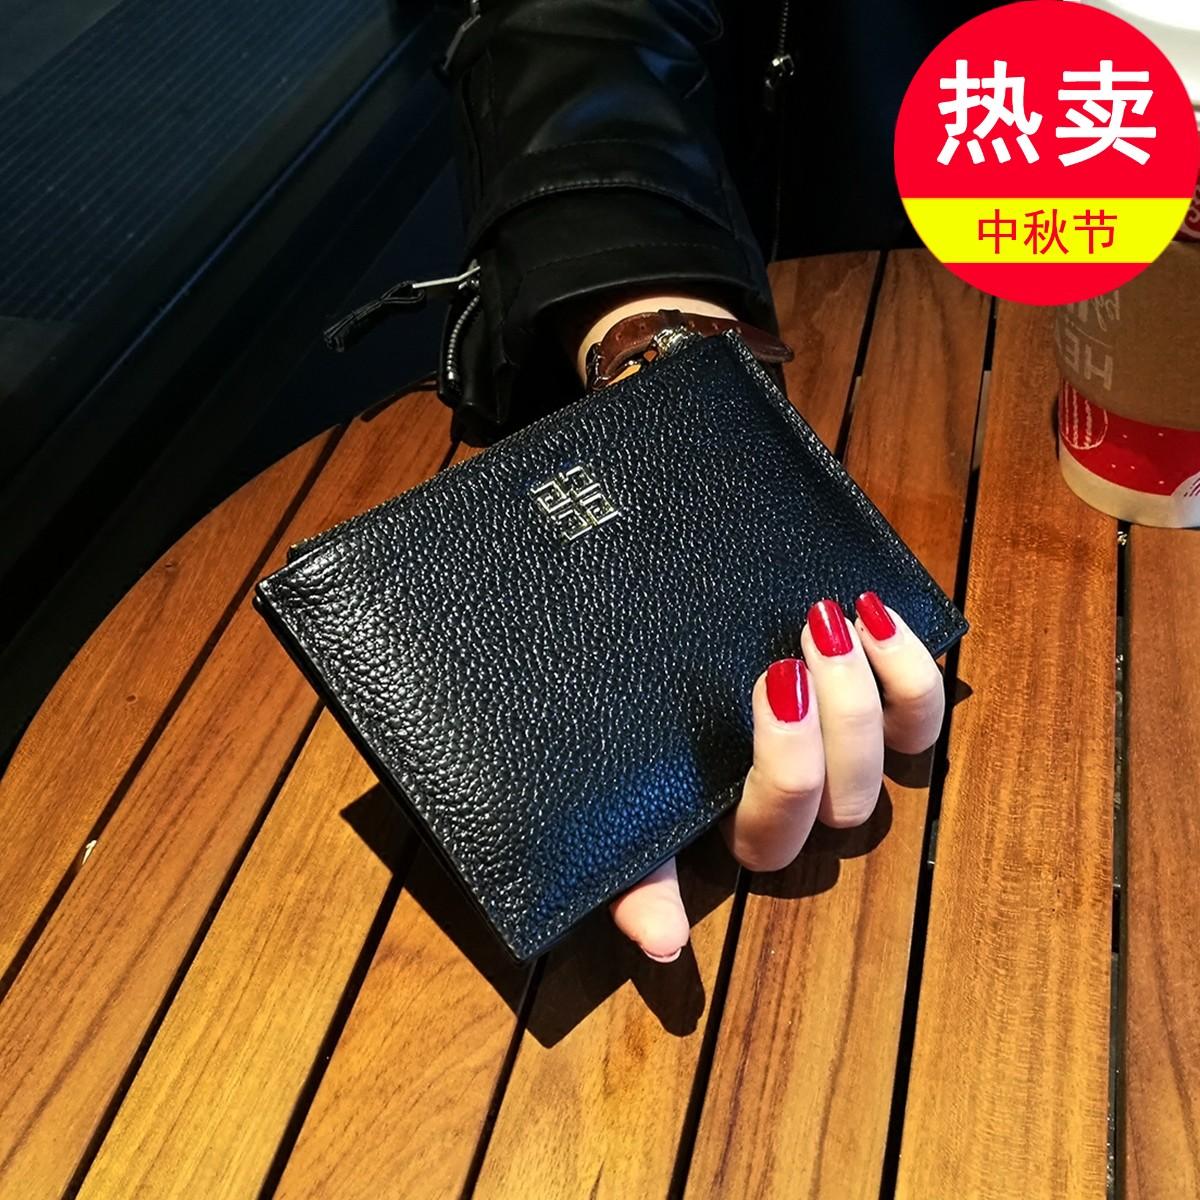 Wirklich mehr pick - up - Paket visitenkarten - Clip - rinder – karte - Paket ultra kurzen Absatz zwei falten Kleine handtasche der Frau